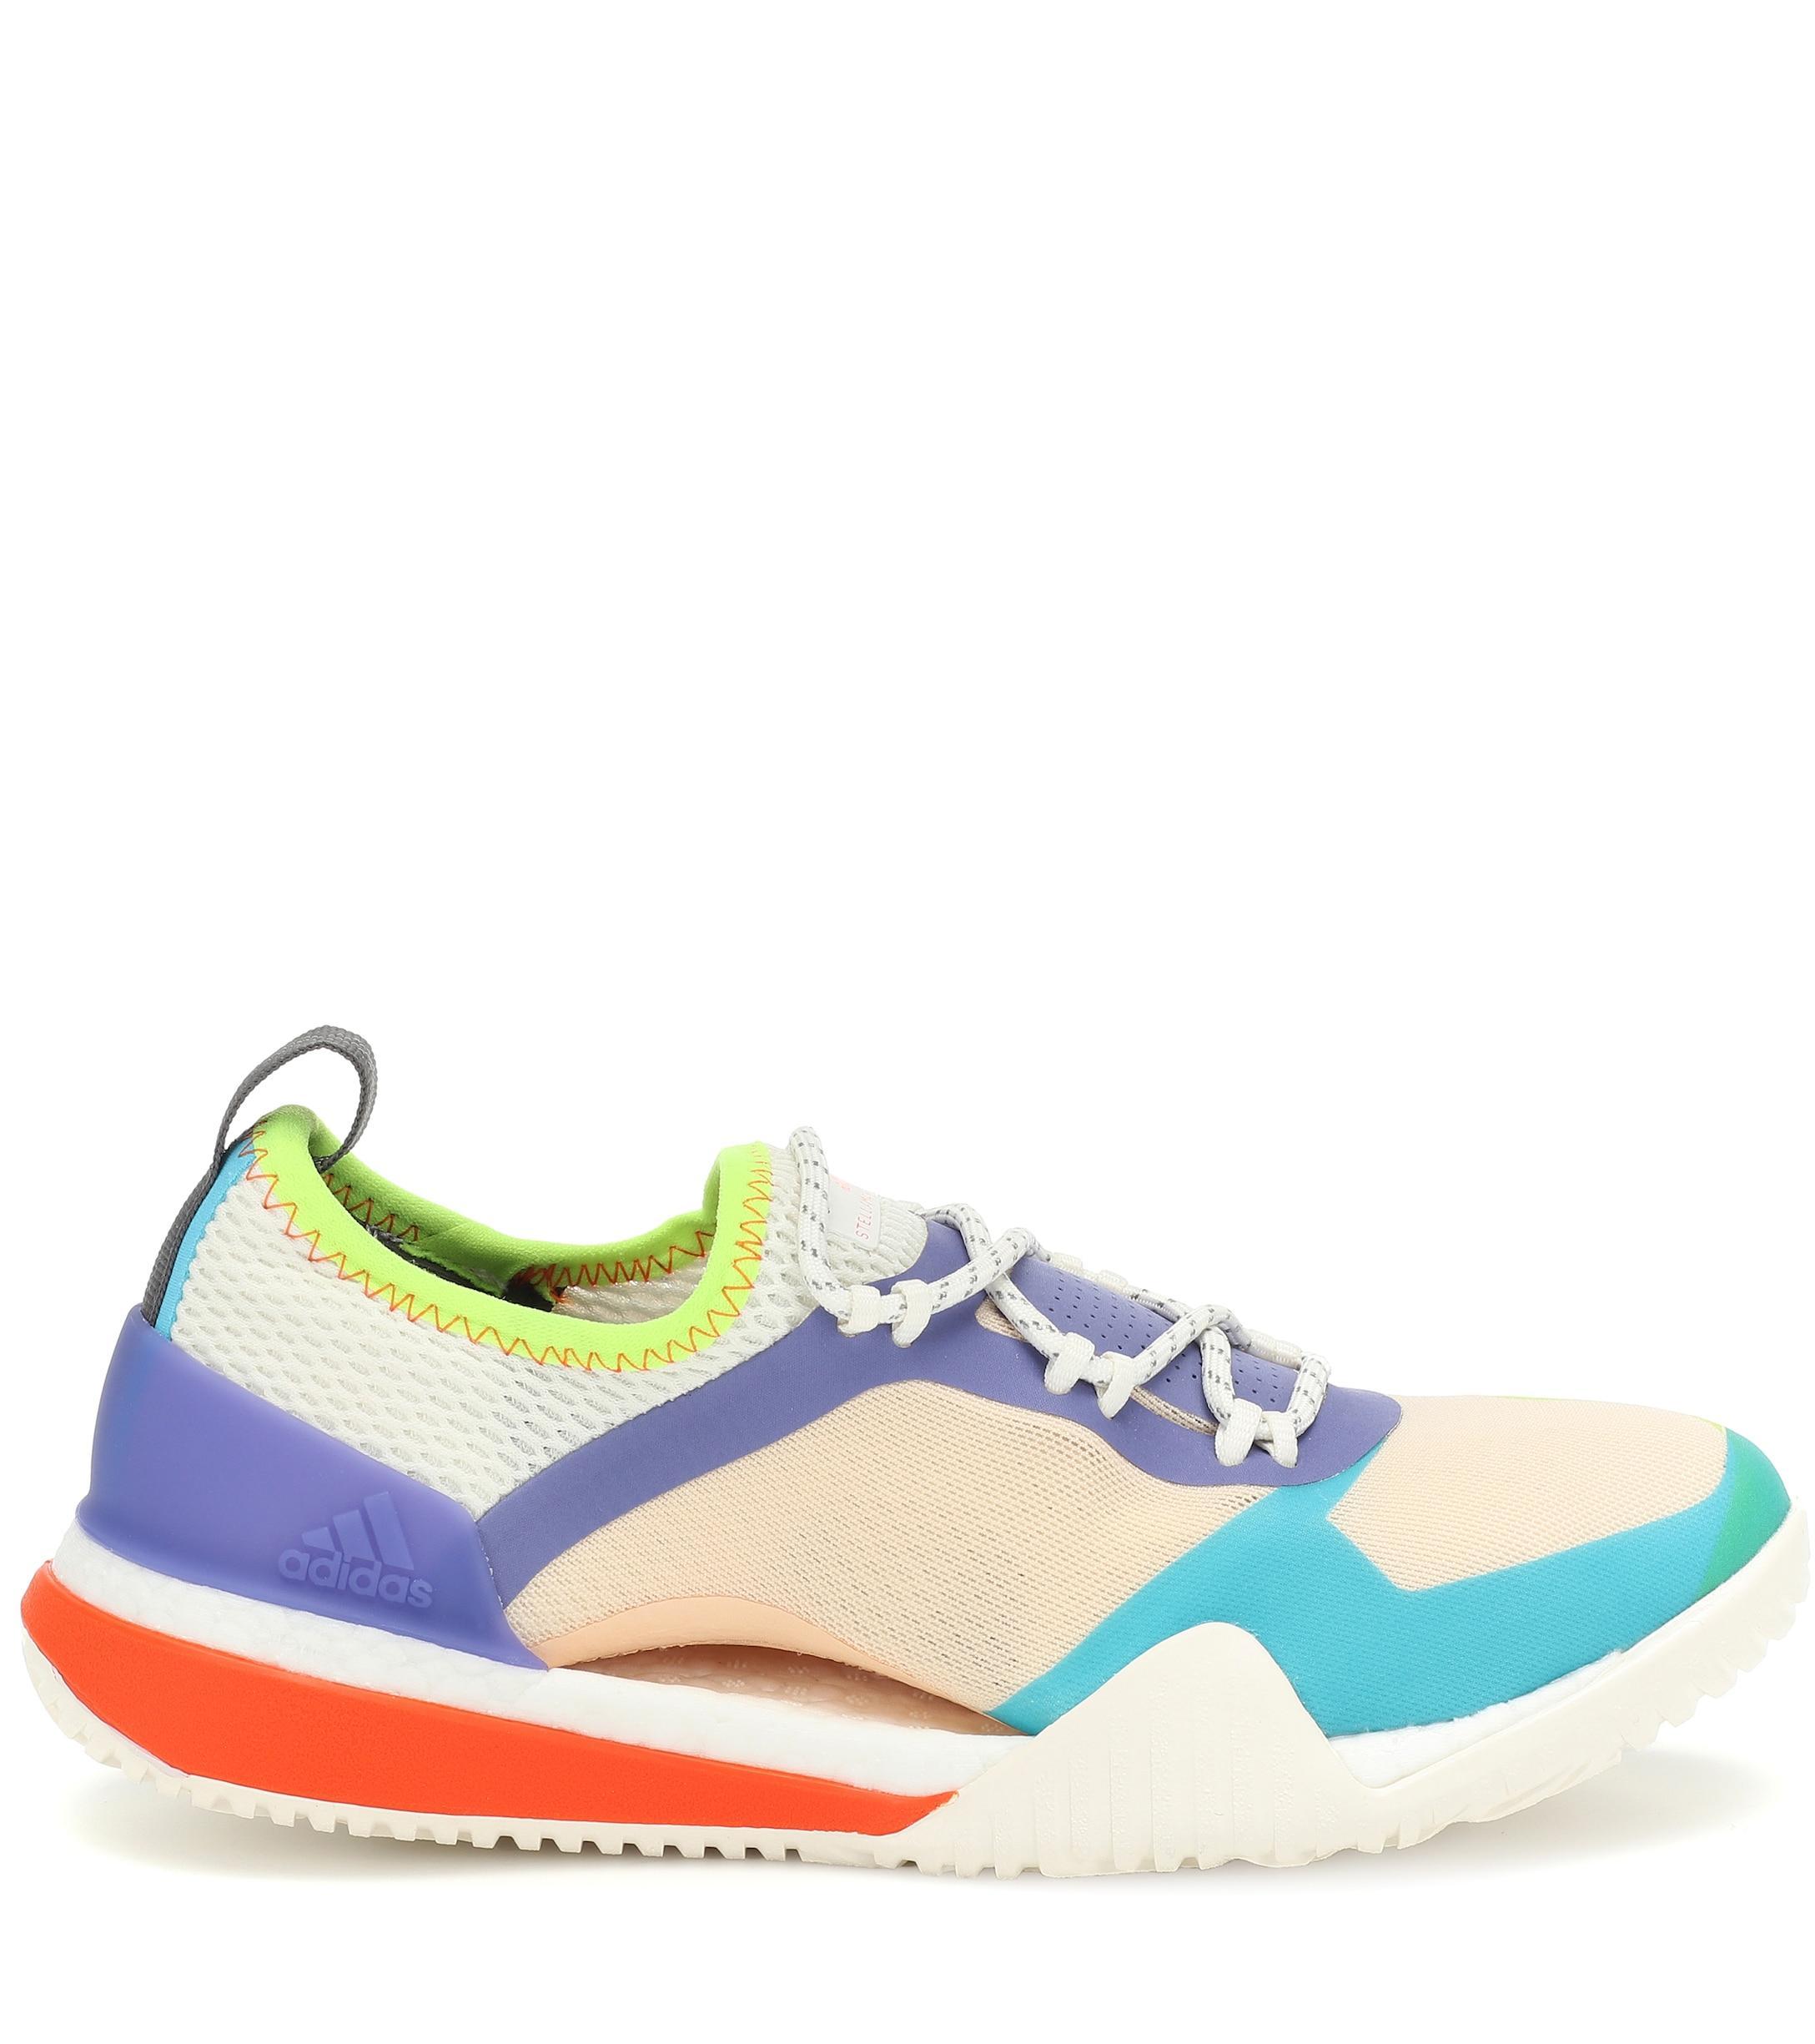 Zapatillas Pureboost X adidas By Stella McCartney de color Azul